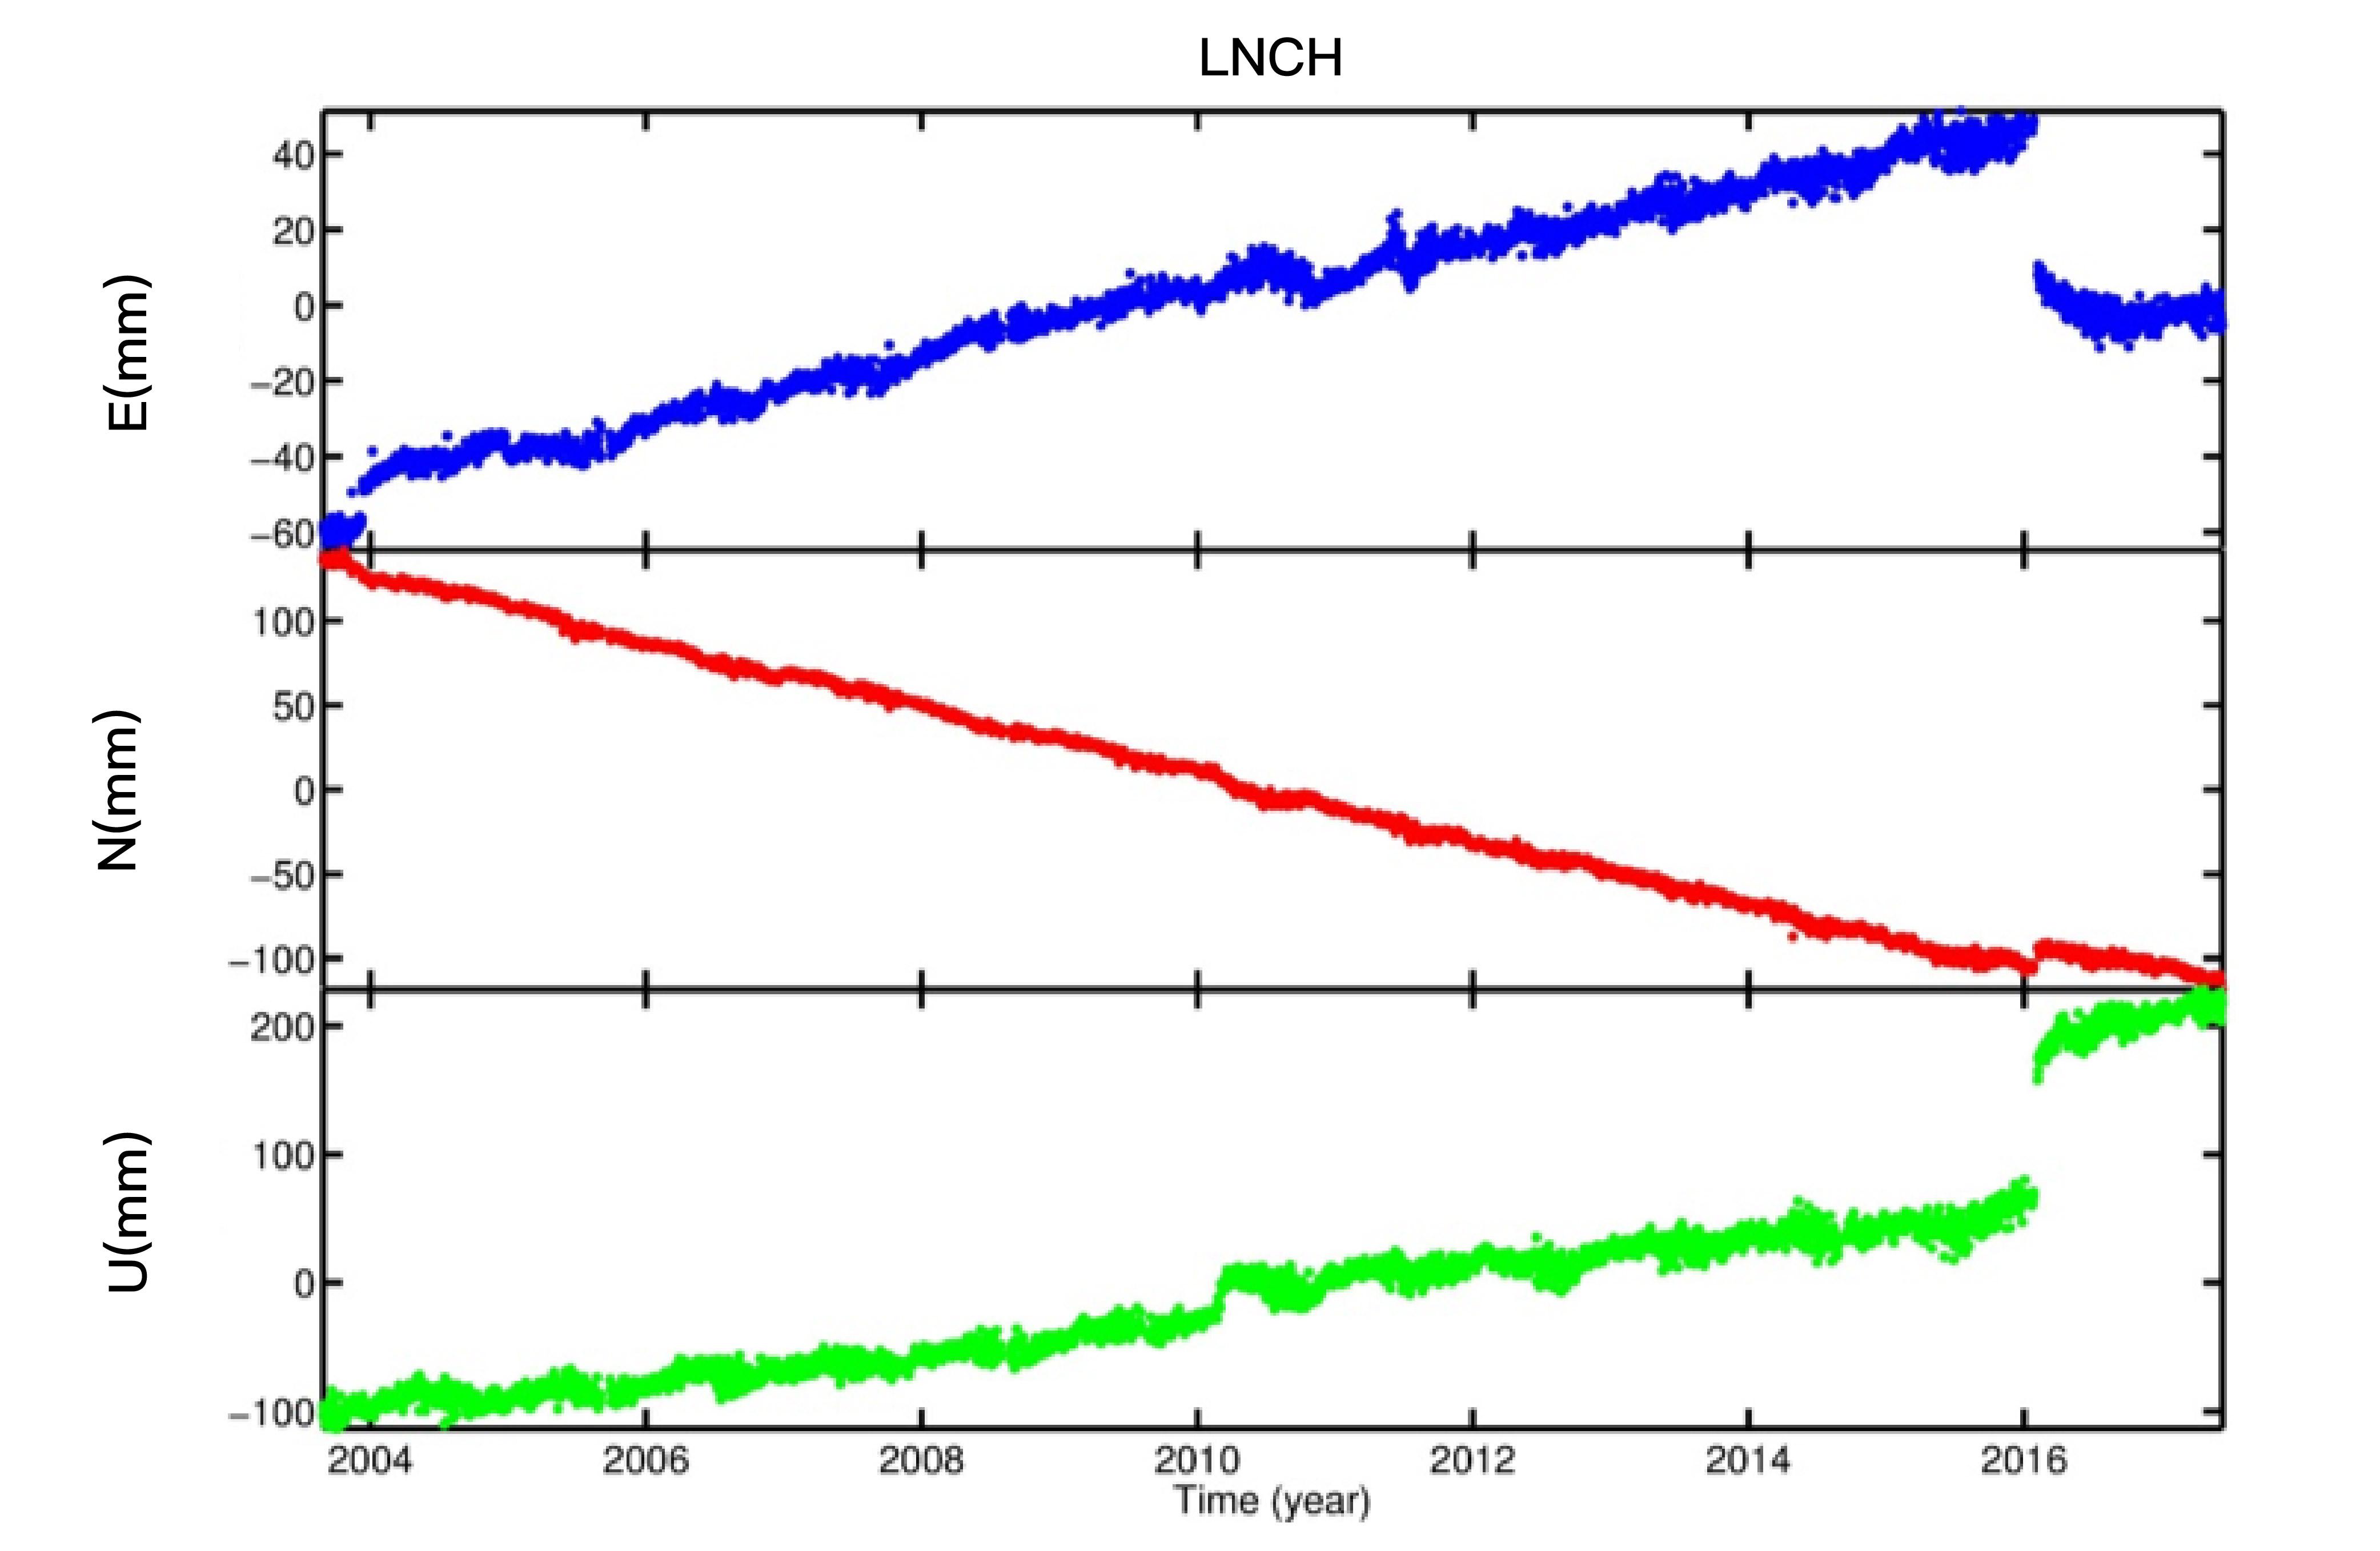 GPS 測站的座標時間序列。縱軸的 U 為垂直分量、 N 為南北分量、 E 為東西分量。線條錯開處為地震造成的不連續。 資料來源│許雅儒提供